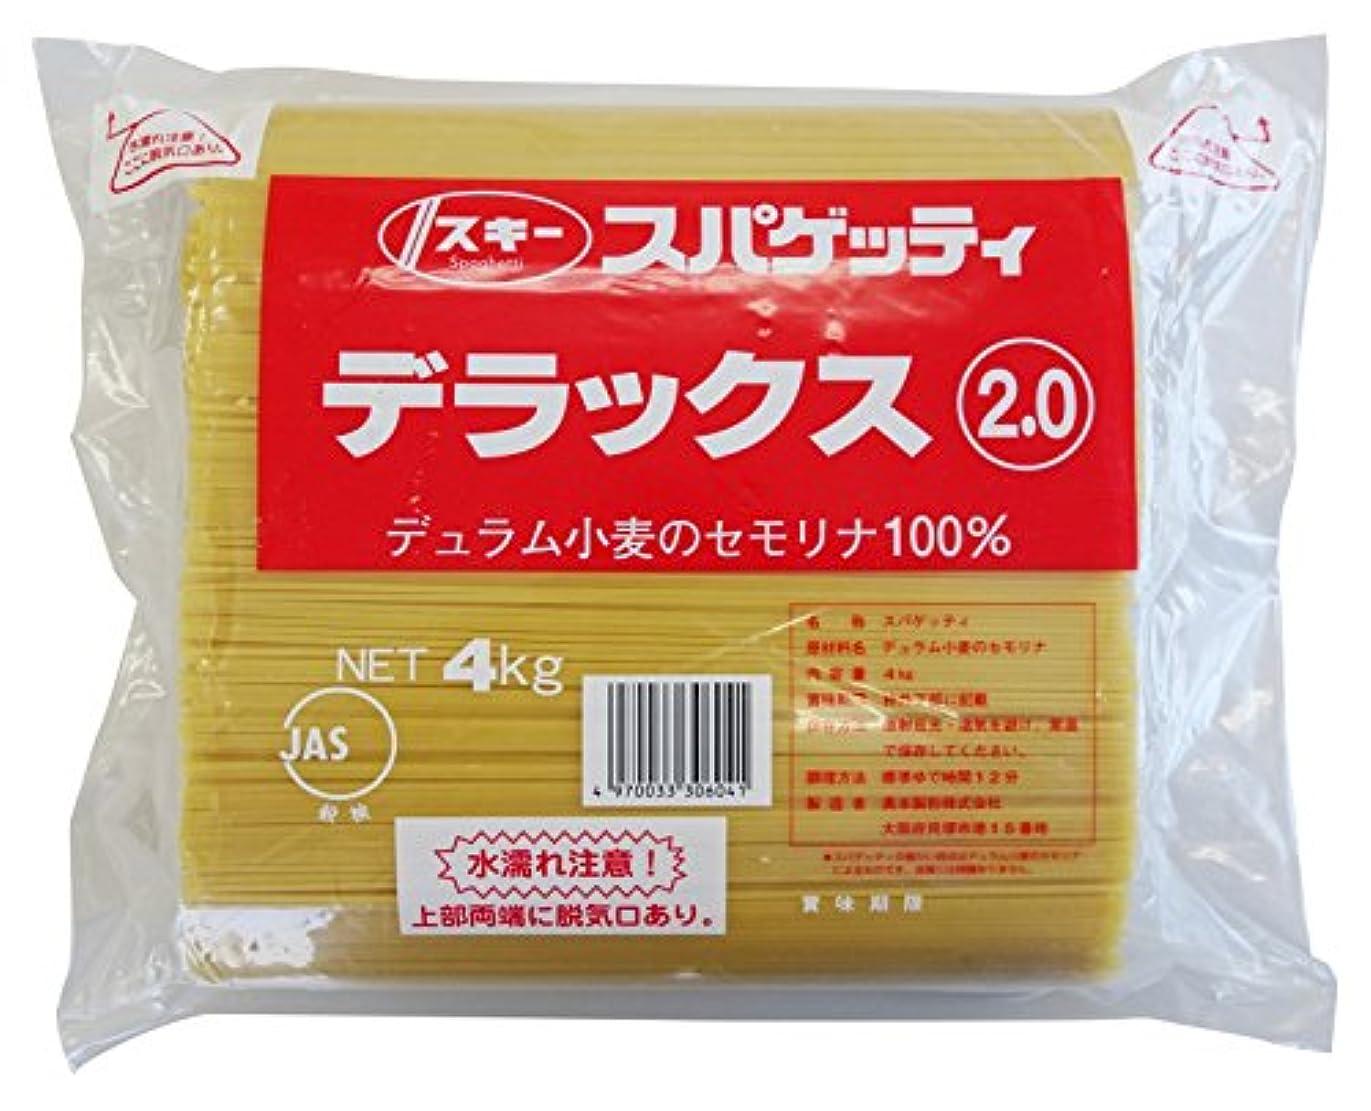 ネコつかいます悩み奥本製粉 スキー デラックススパゲッティ2.0㎜ 4kg